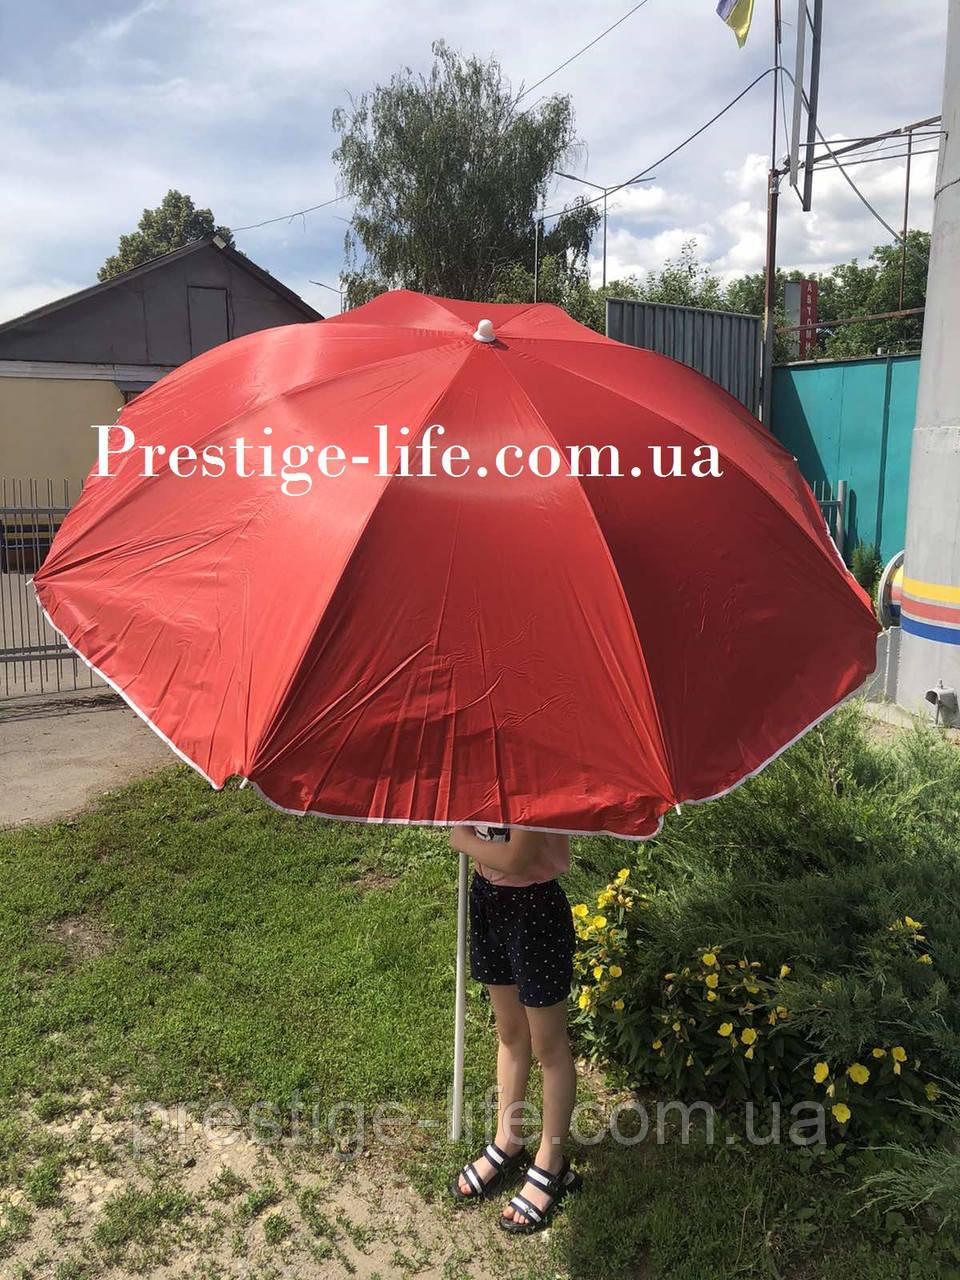 Зонт диаметром 2,2 м серебренное покрытие с уклоном. Цвет: Красный